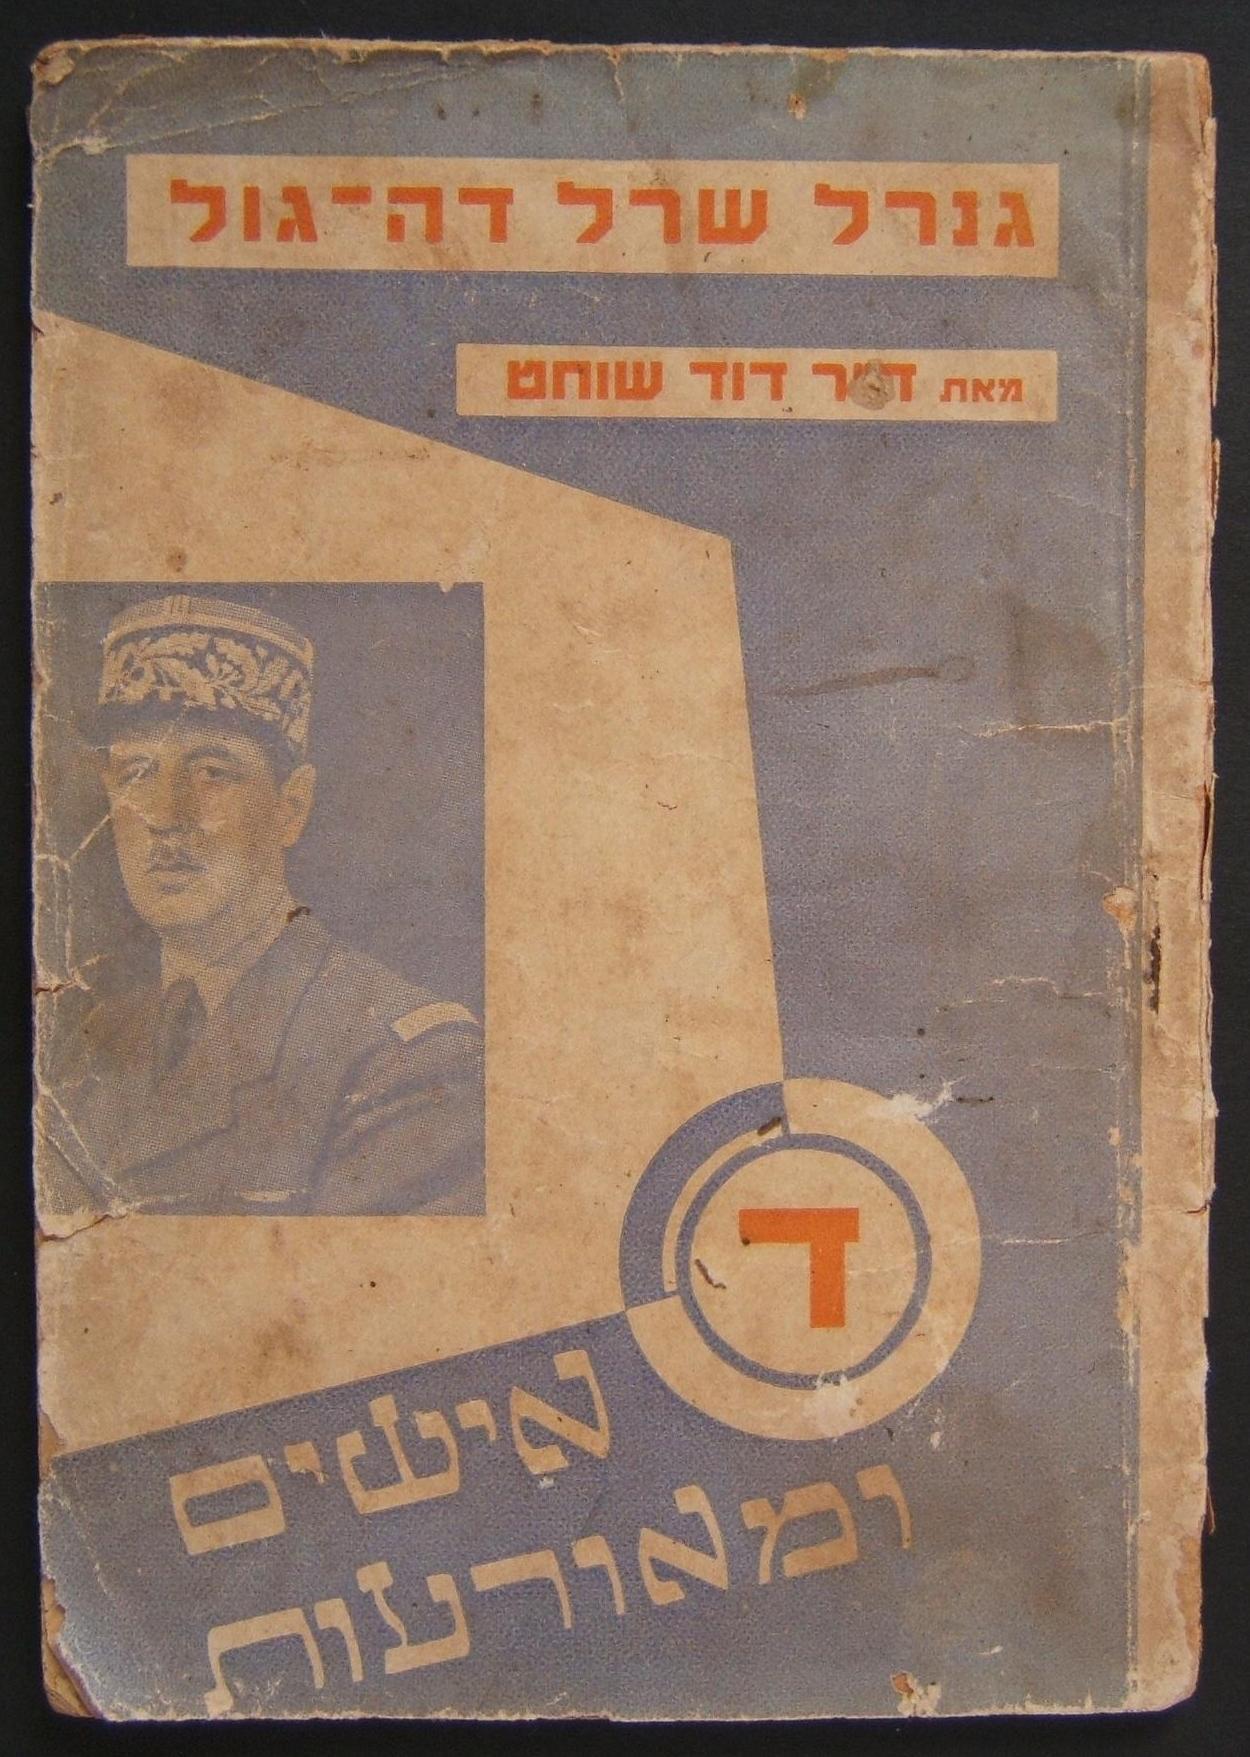 Palästina/Jischuw: frühe Werbung von Charles de Gaulle - in Hebräisch, 1941: Broschüre mit 61 Seiten (Nr. 4, Serie